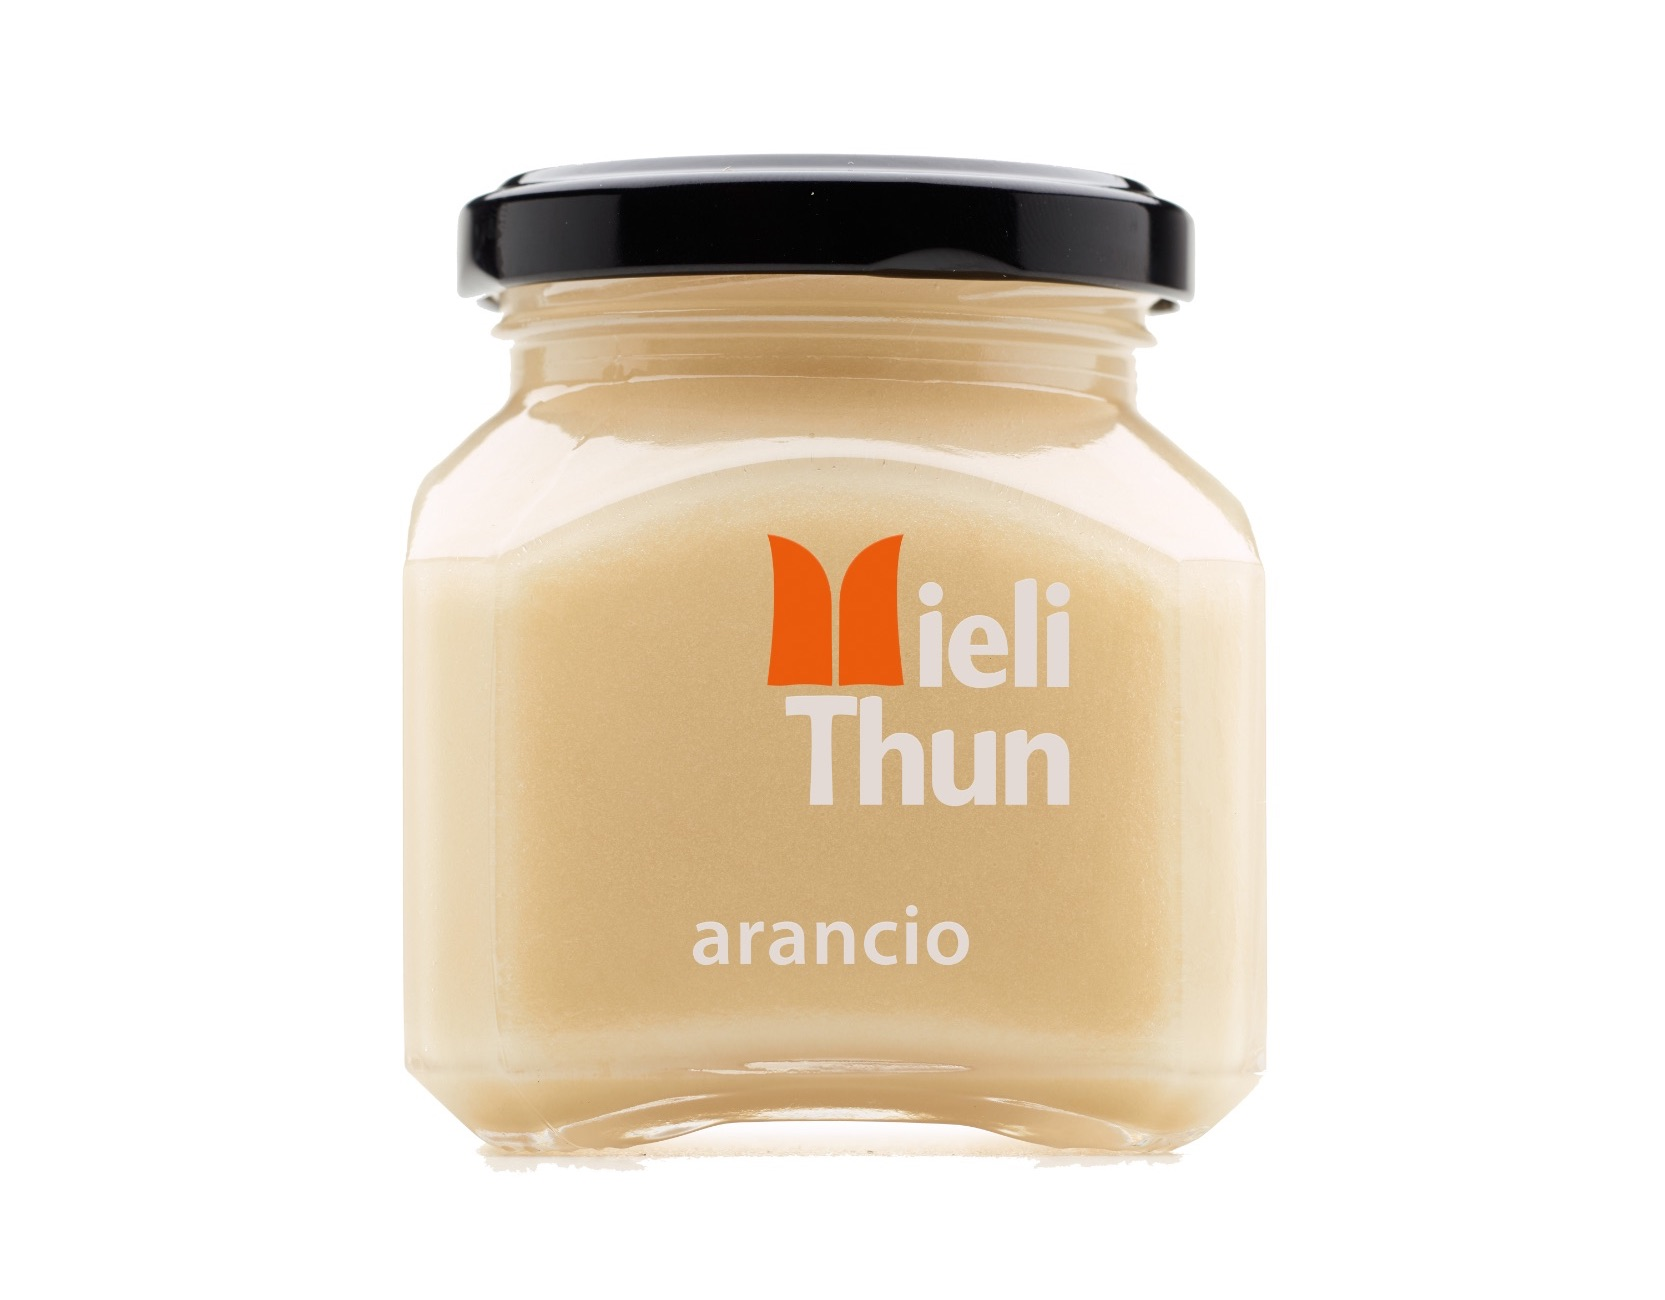 miele-arancio-mieli-thun